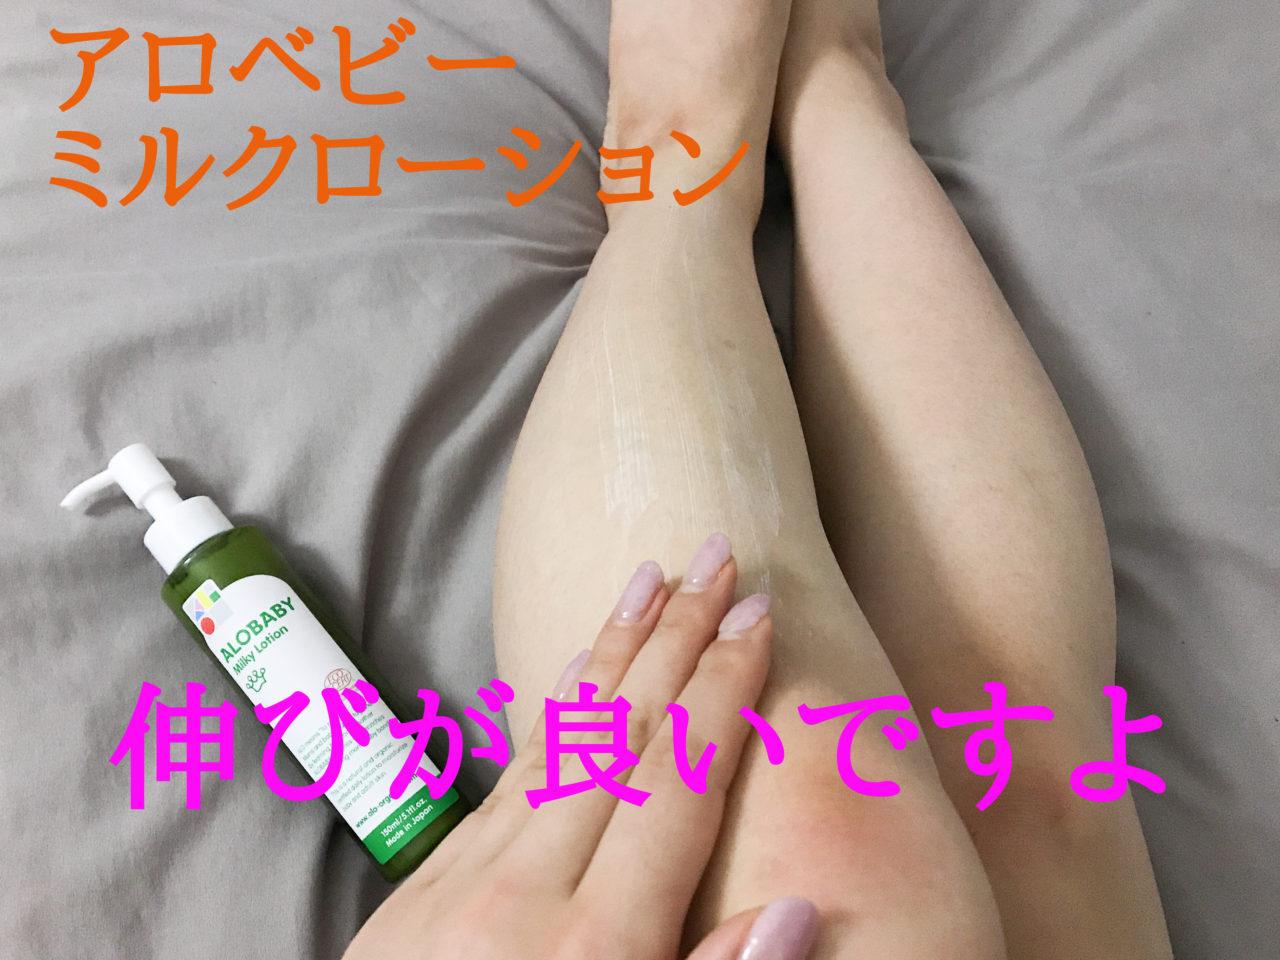 アロベビーミルクローションを脚に塗っているところ。